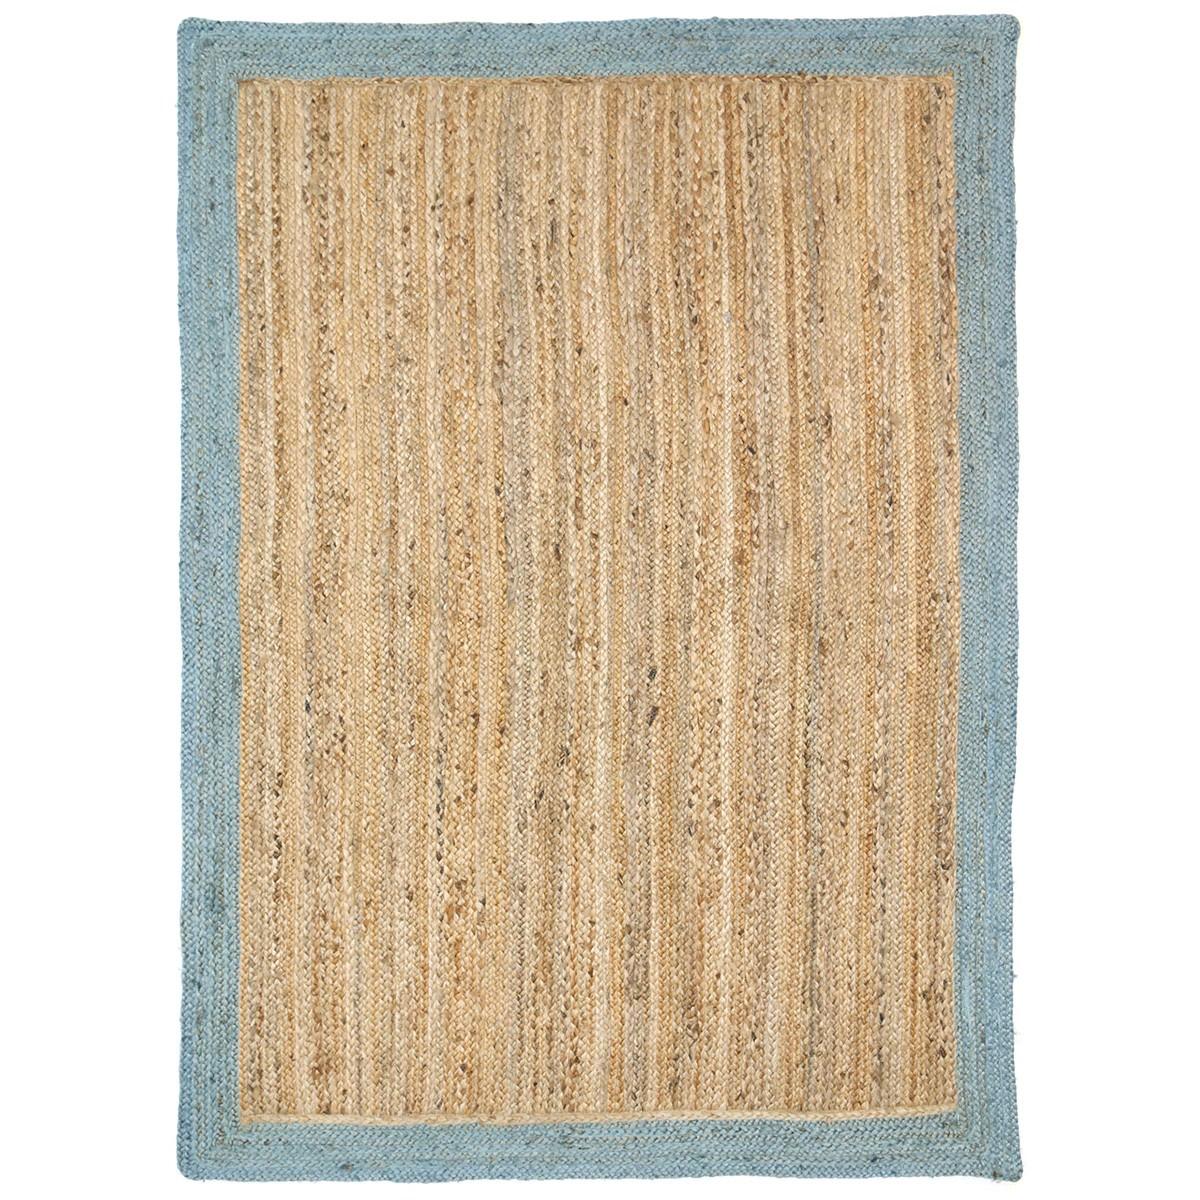 Hampton I Reversible Jute Rug, 150x220cm, Blue